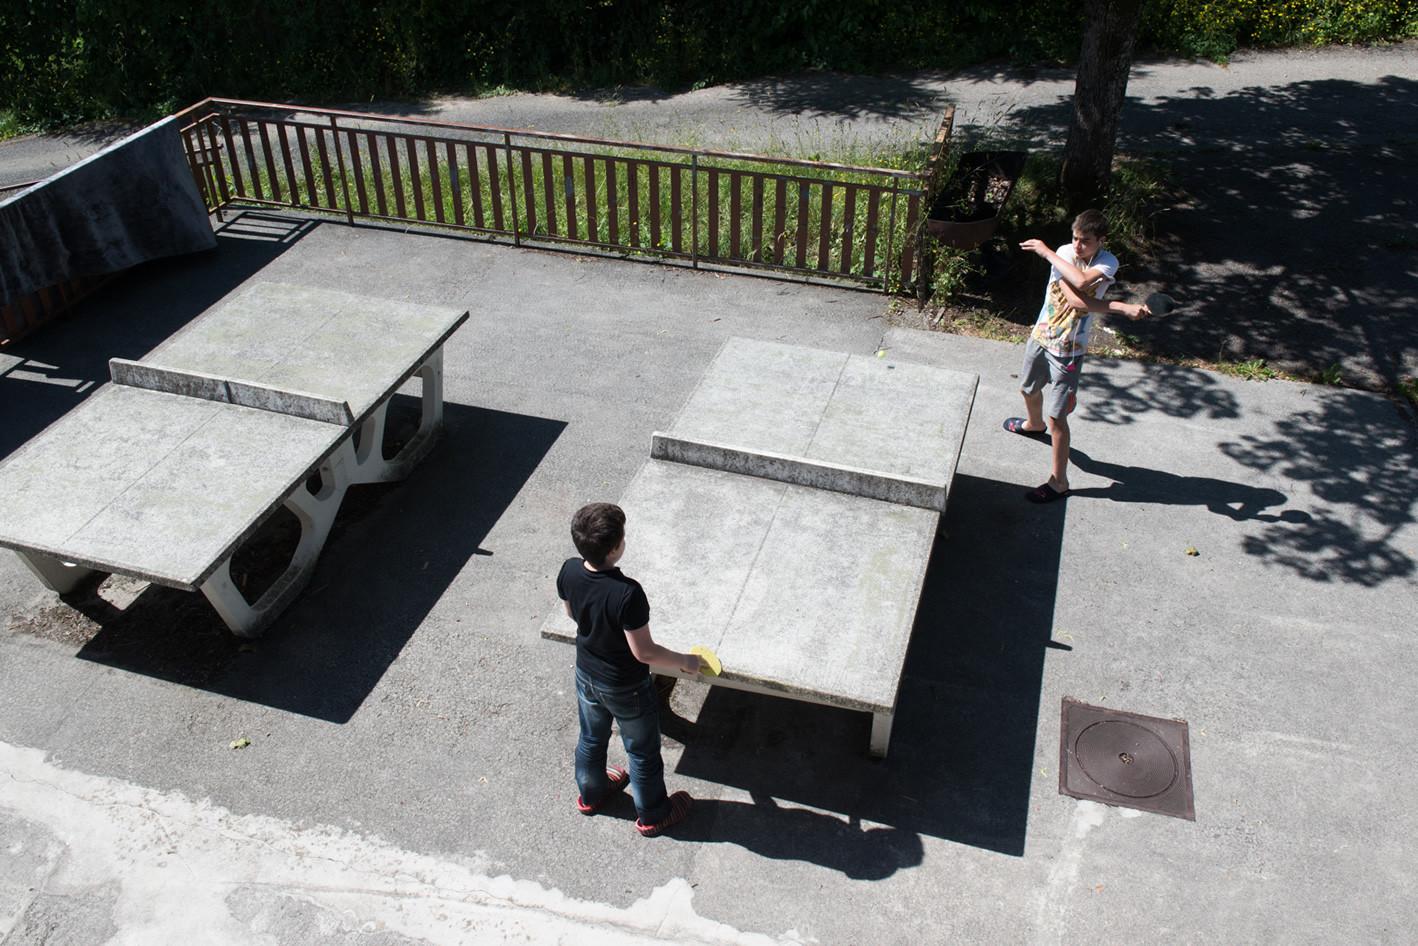 Pendant la pause, une partie de ping-pong.